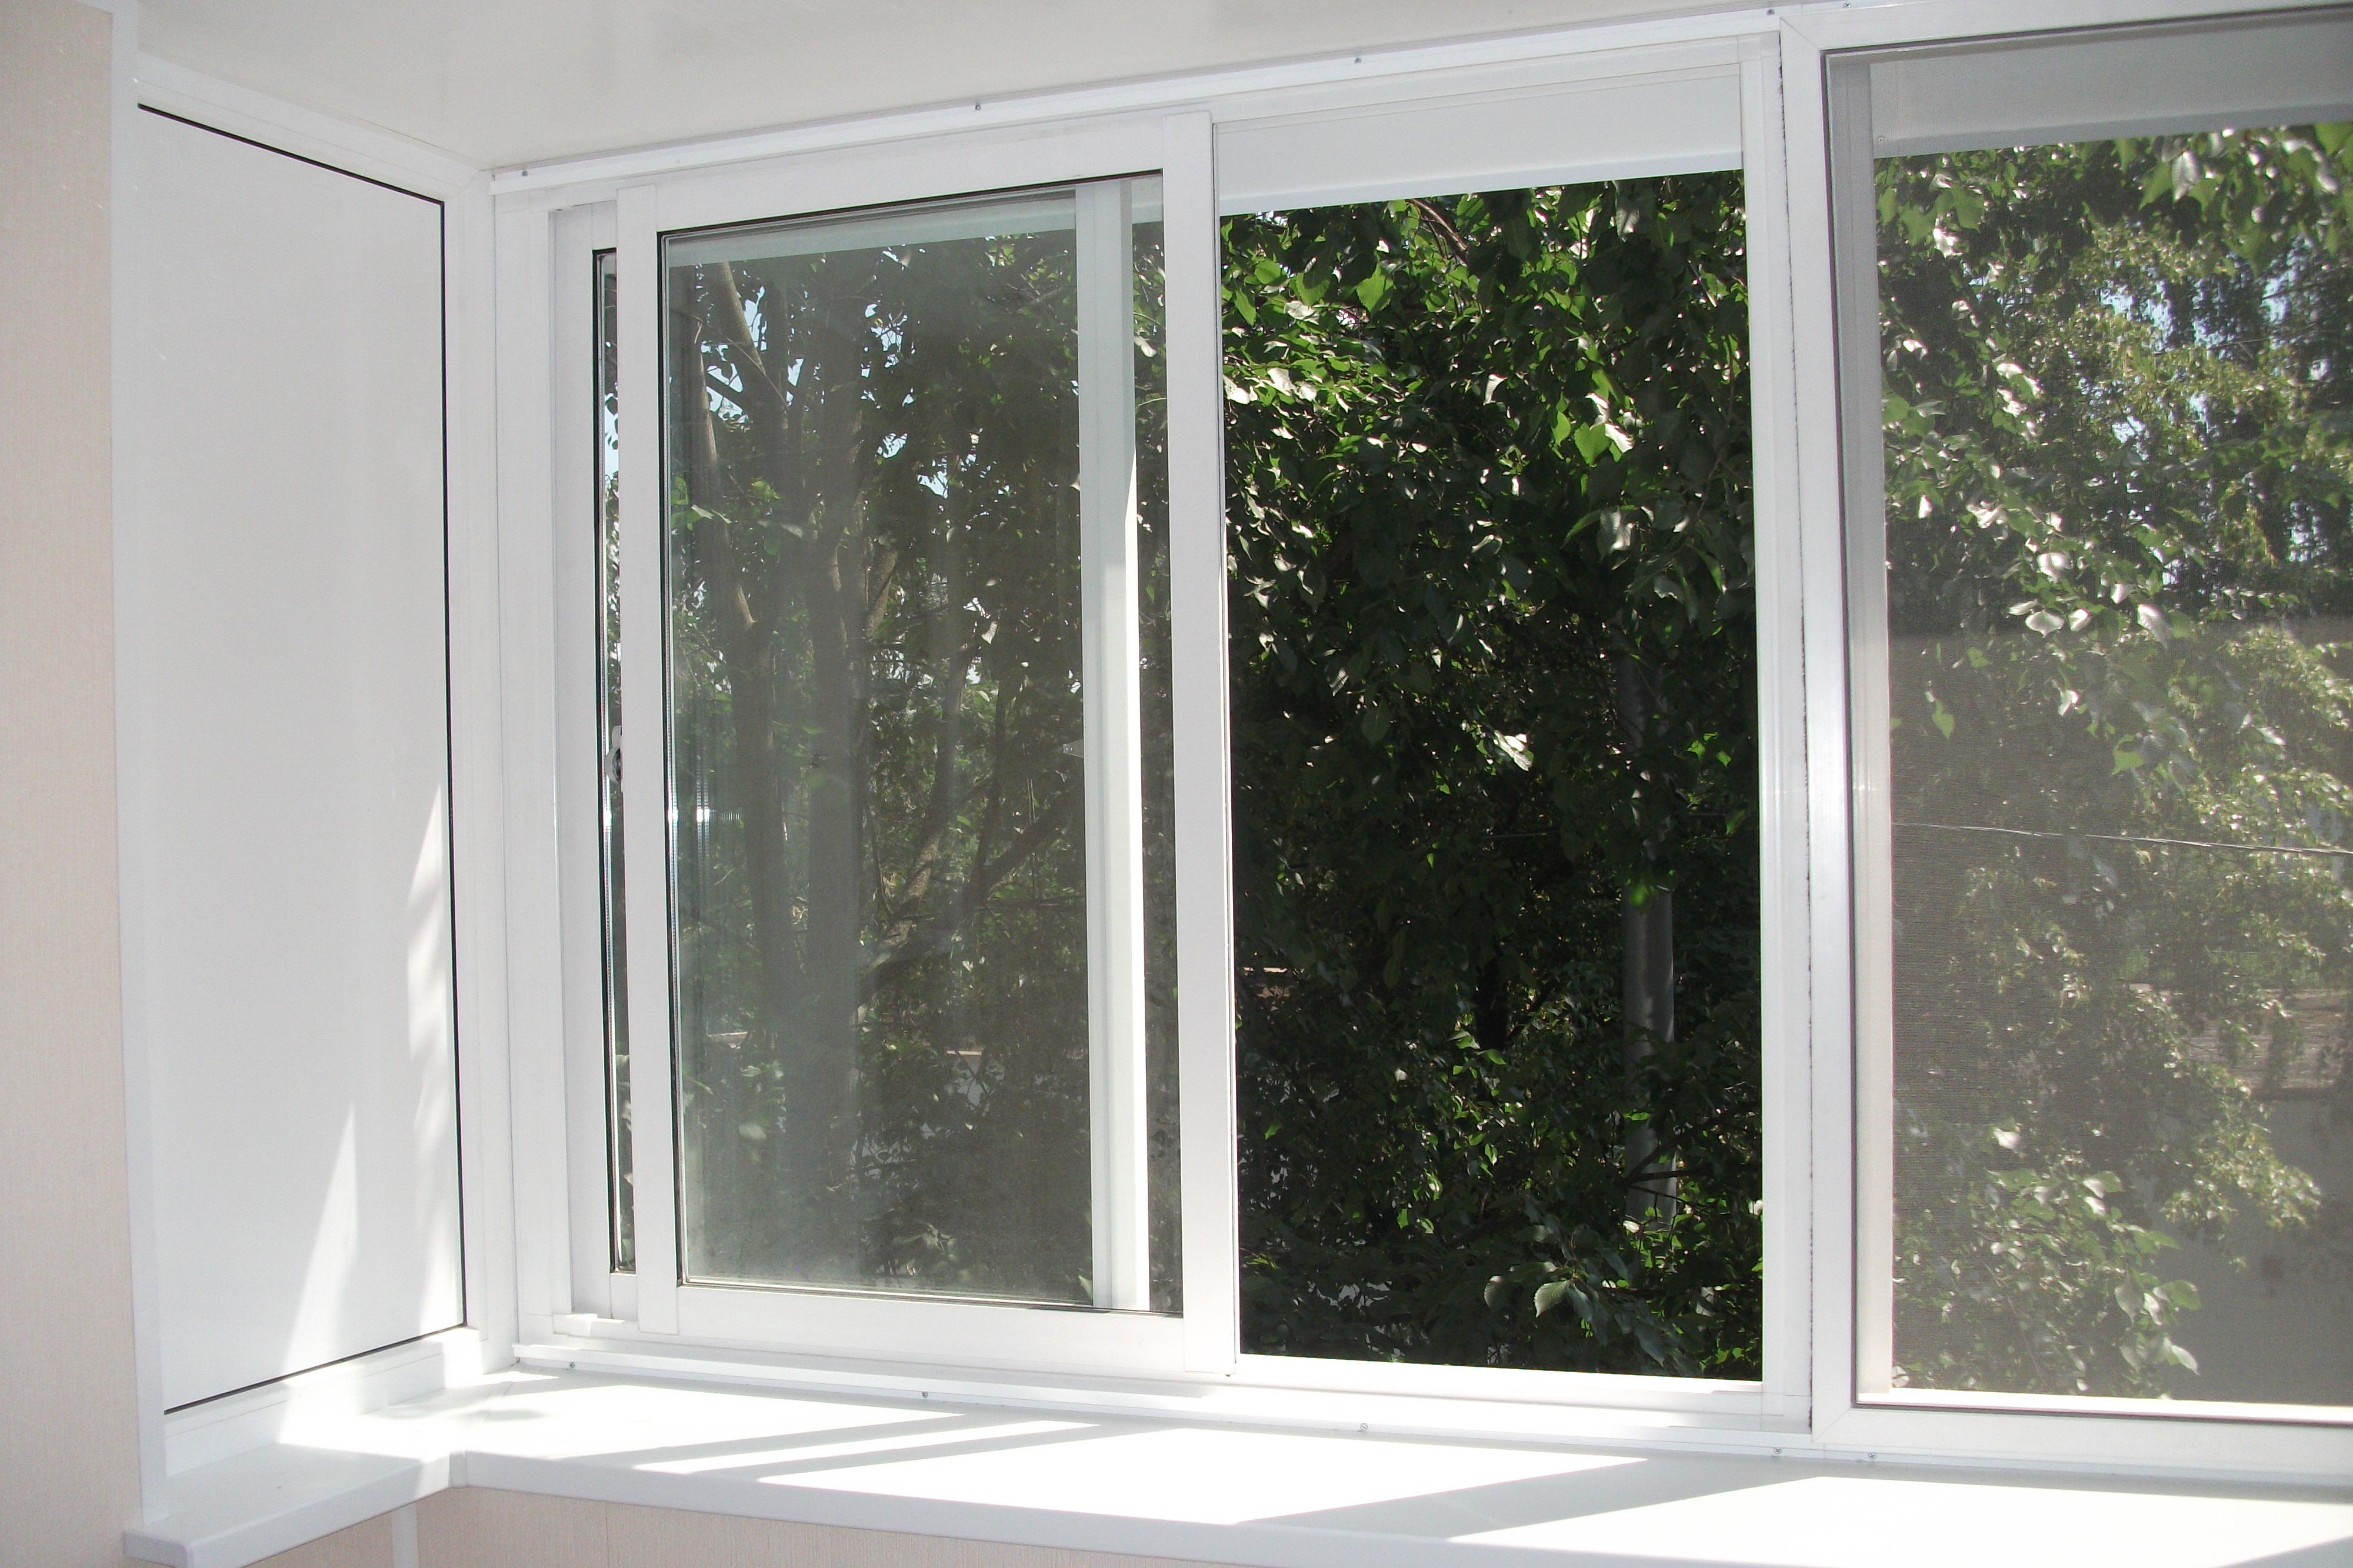 Металлопластиковые окна: выбор, монтаж, преимущества.